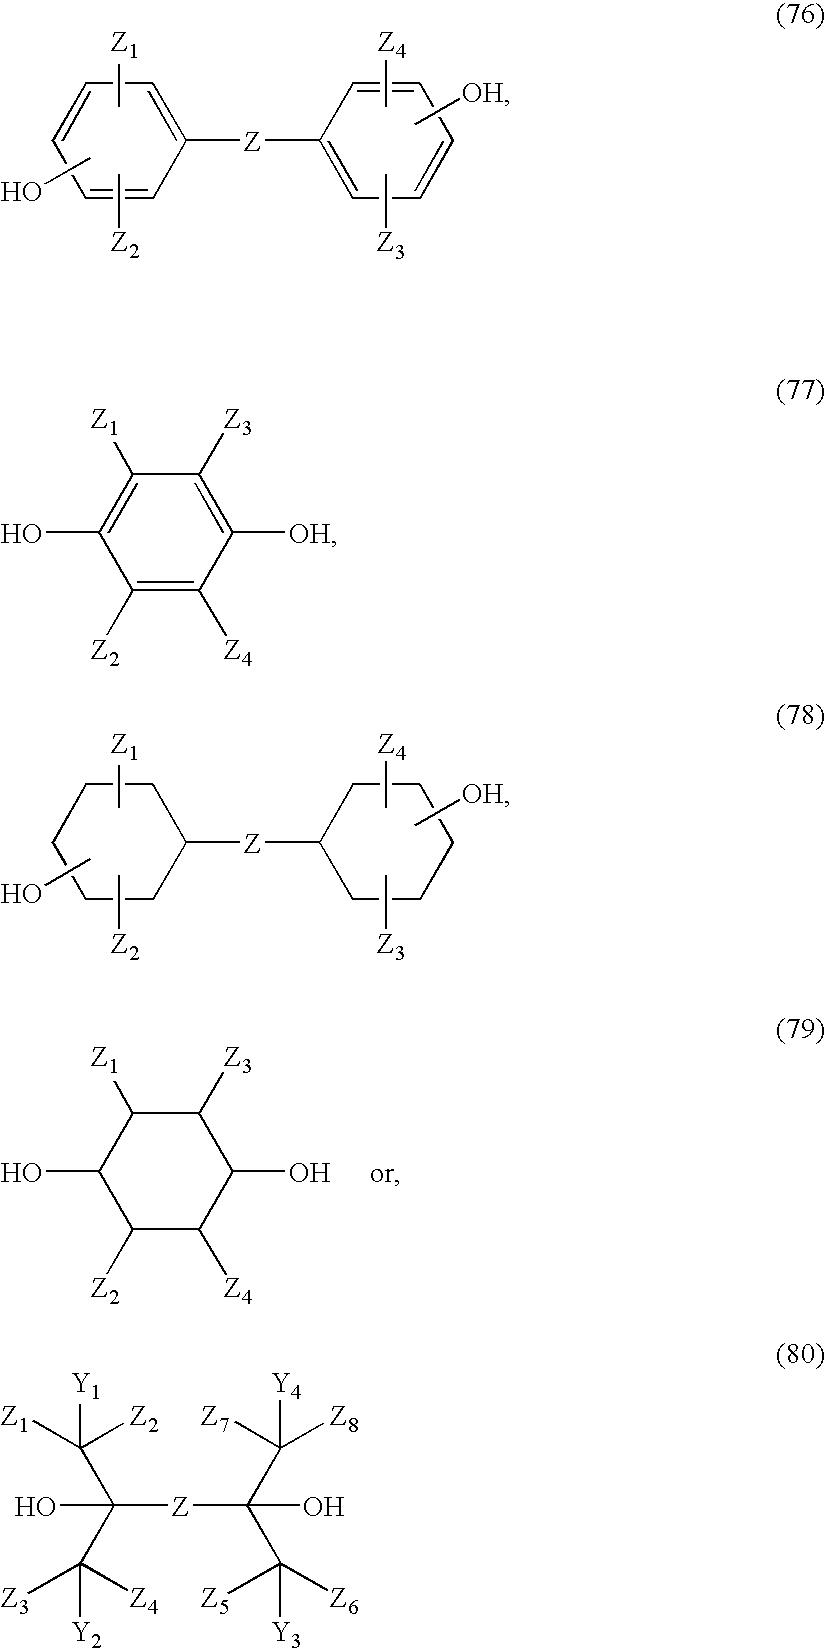 Figure US20050272900A1-20051208-C00059